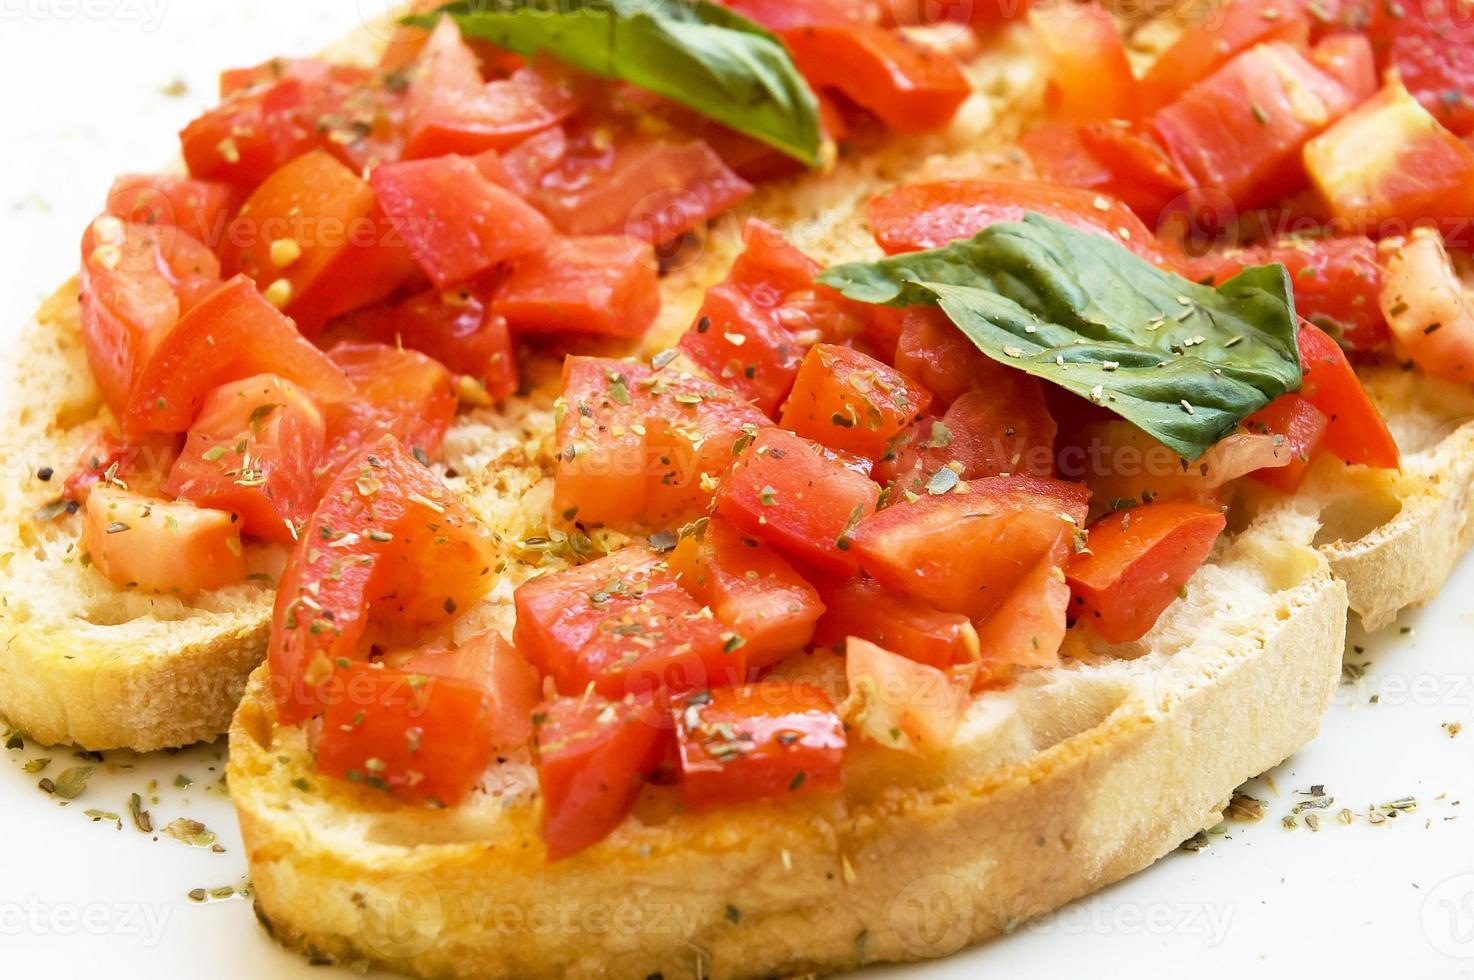 bruschetta aux tomates fraîches et basilic sur toast photo